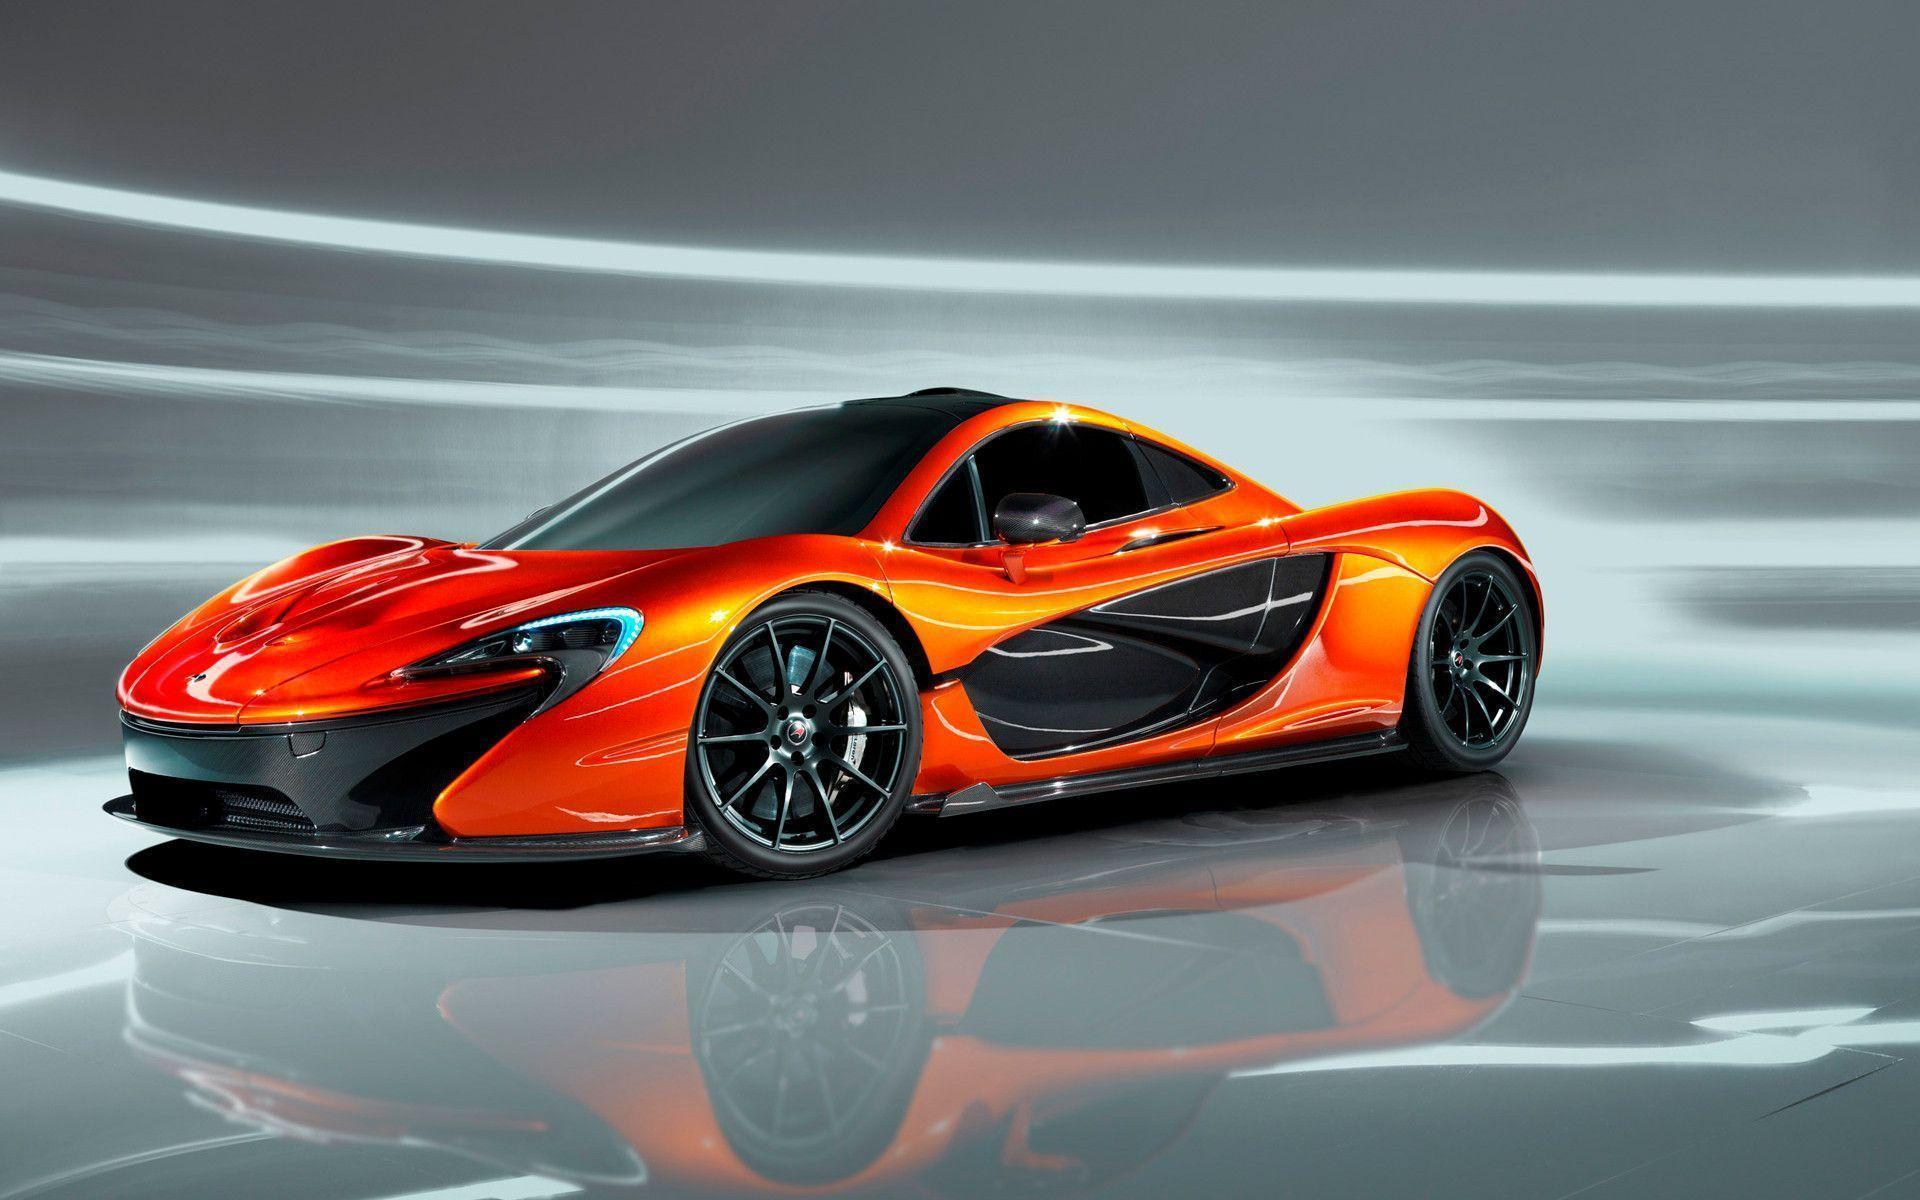 Mclaren F1 Wallpaper Hd 59 Images: McLaren Wallpapers